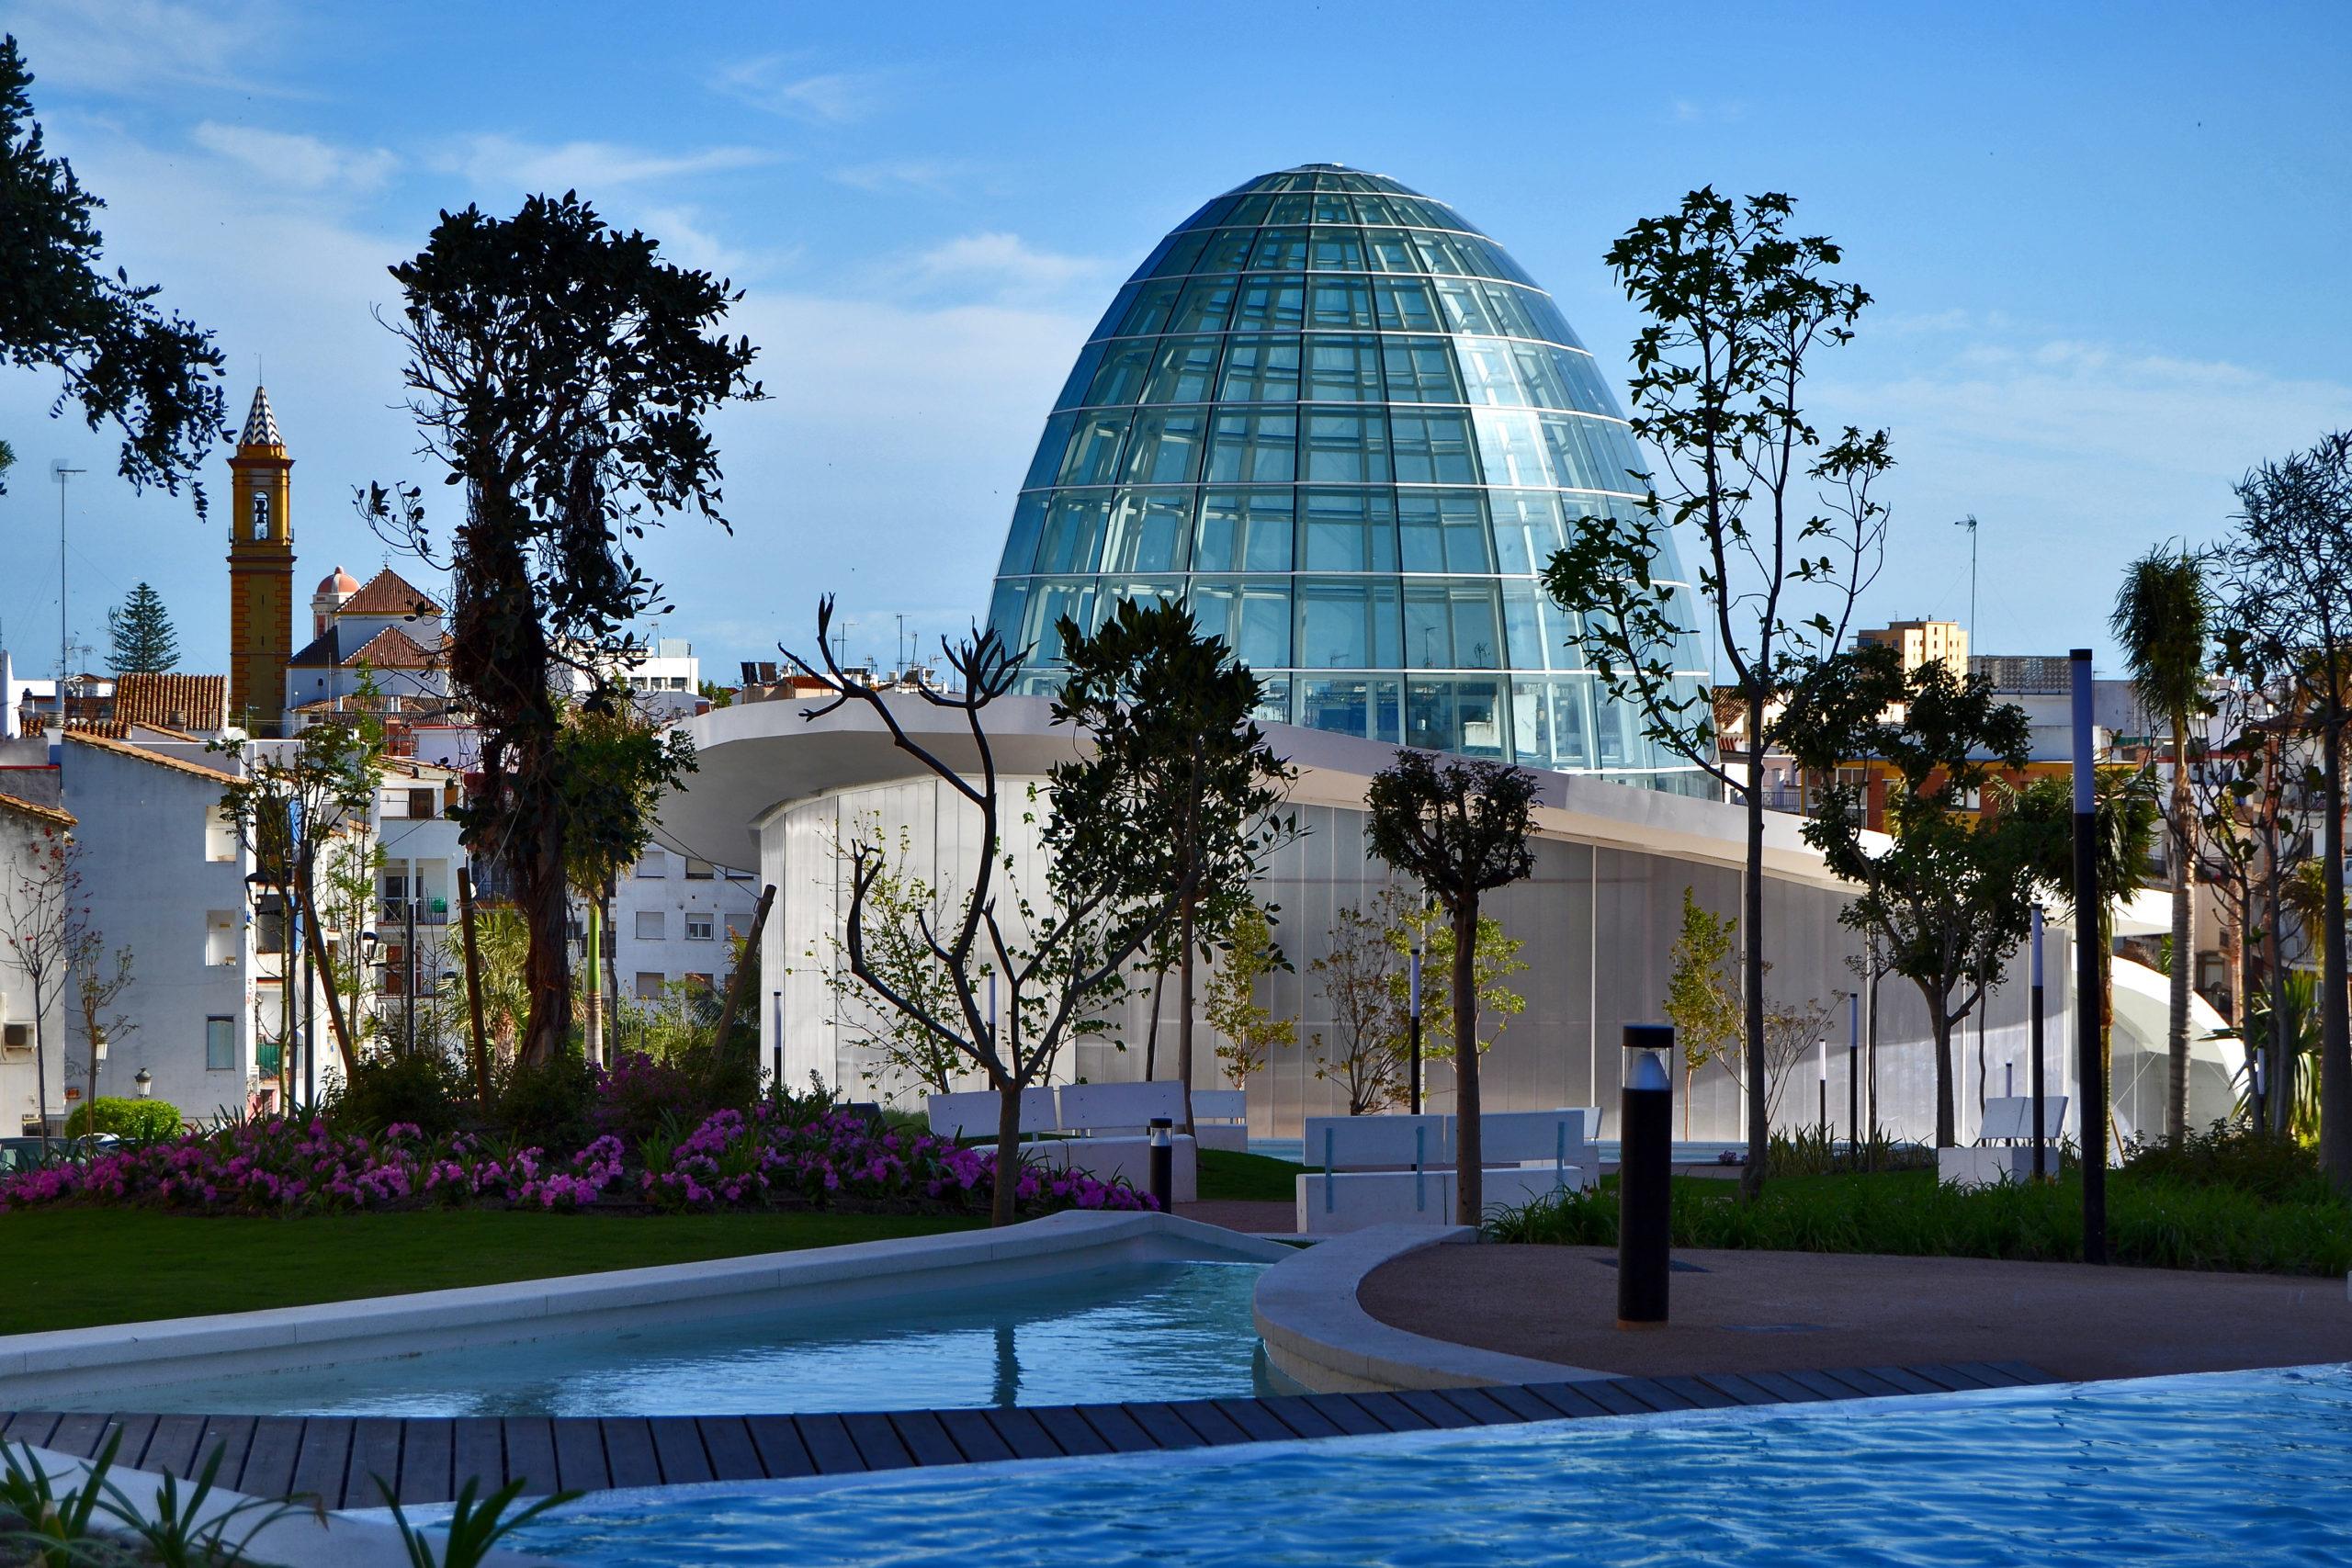 El Parque Botánico-Orquidario de Estepona reabre sus puertas el 1 de julio